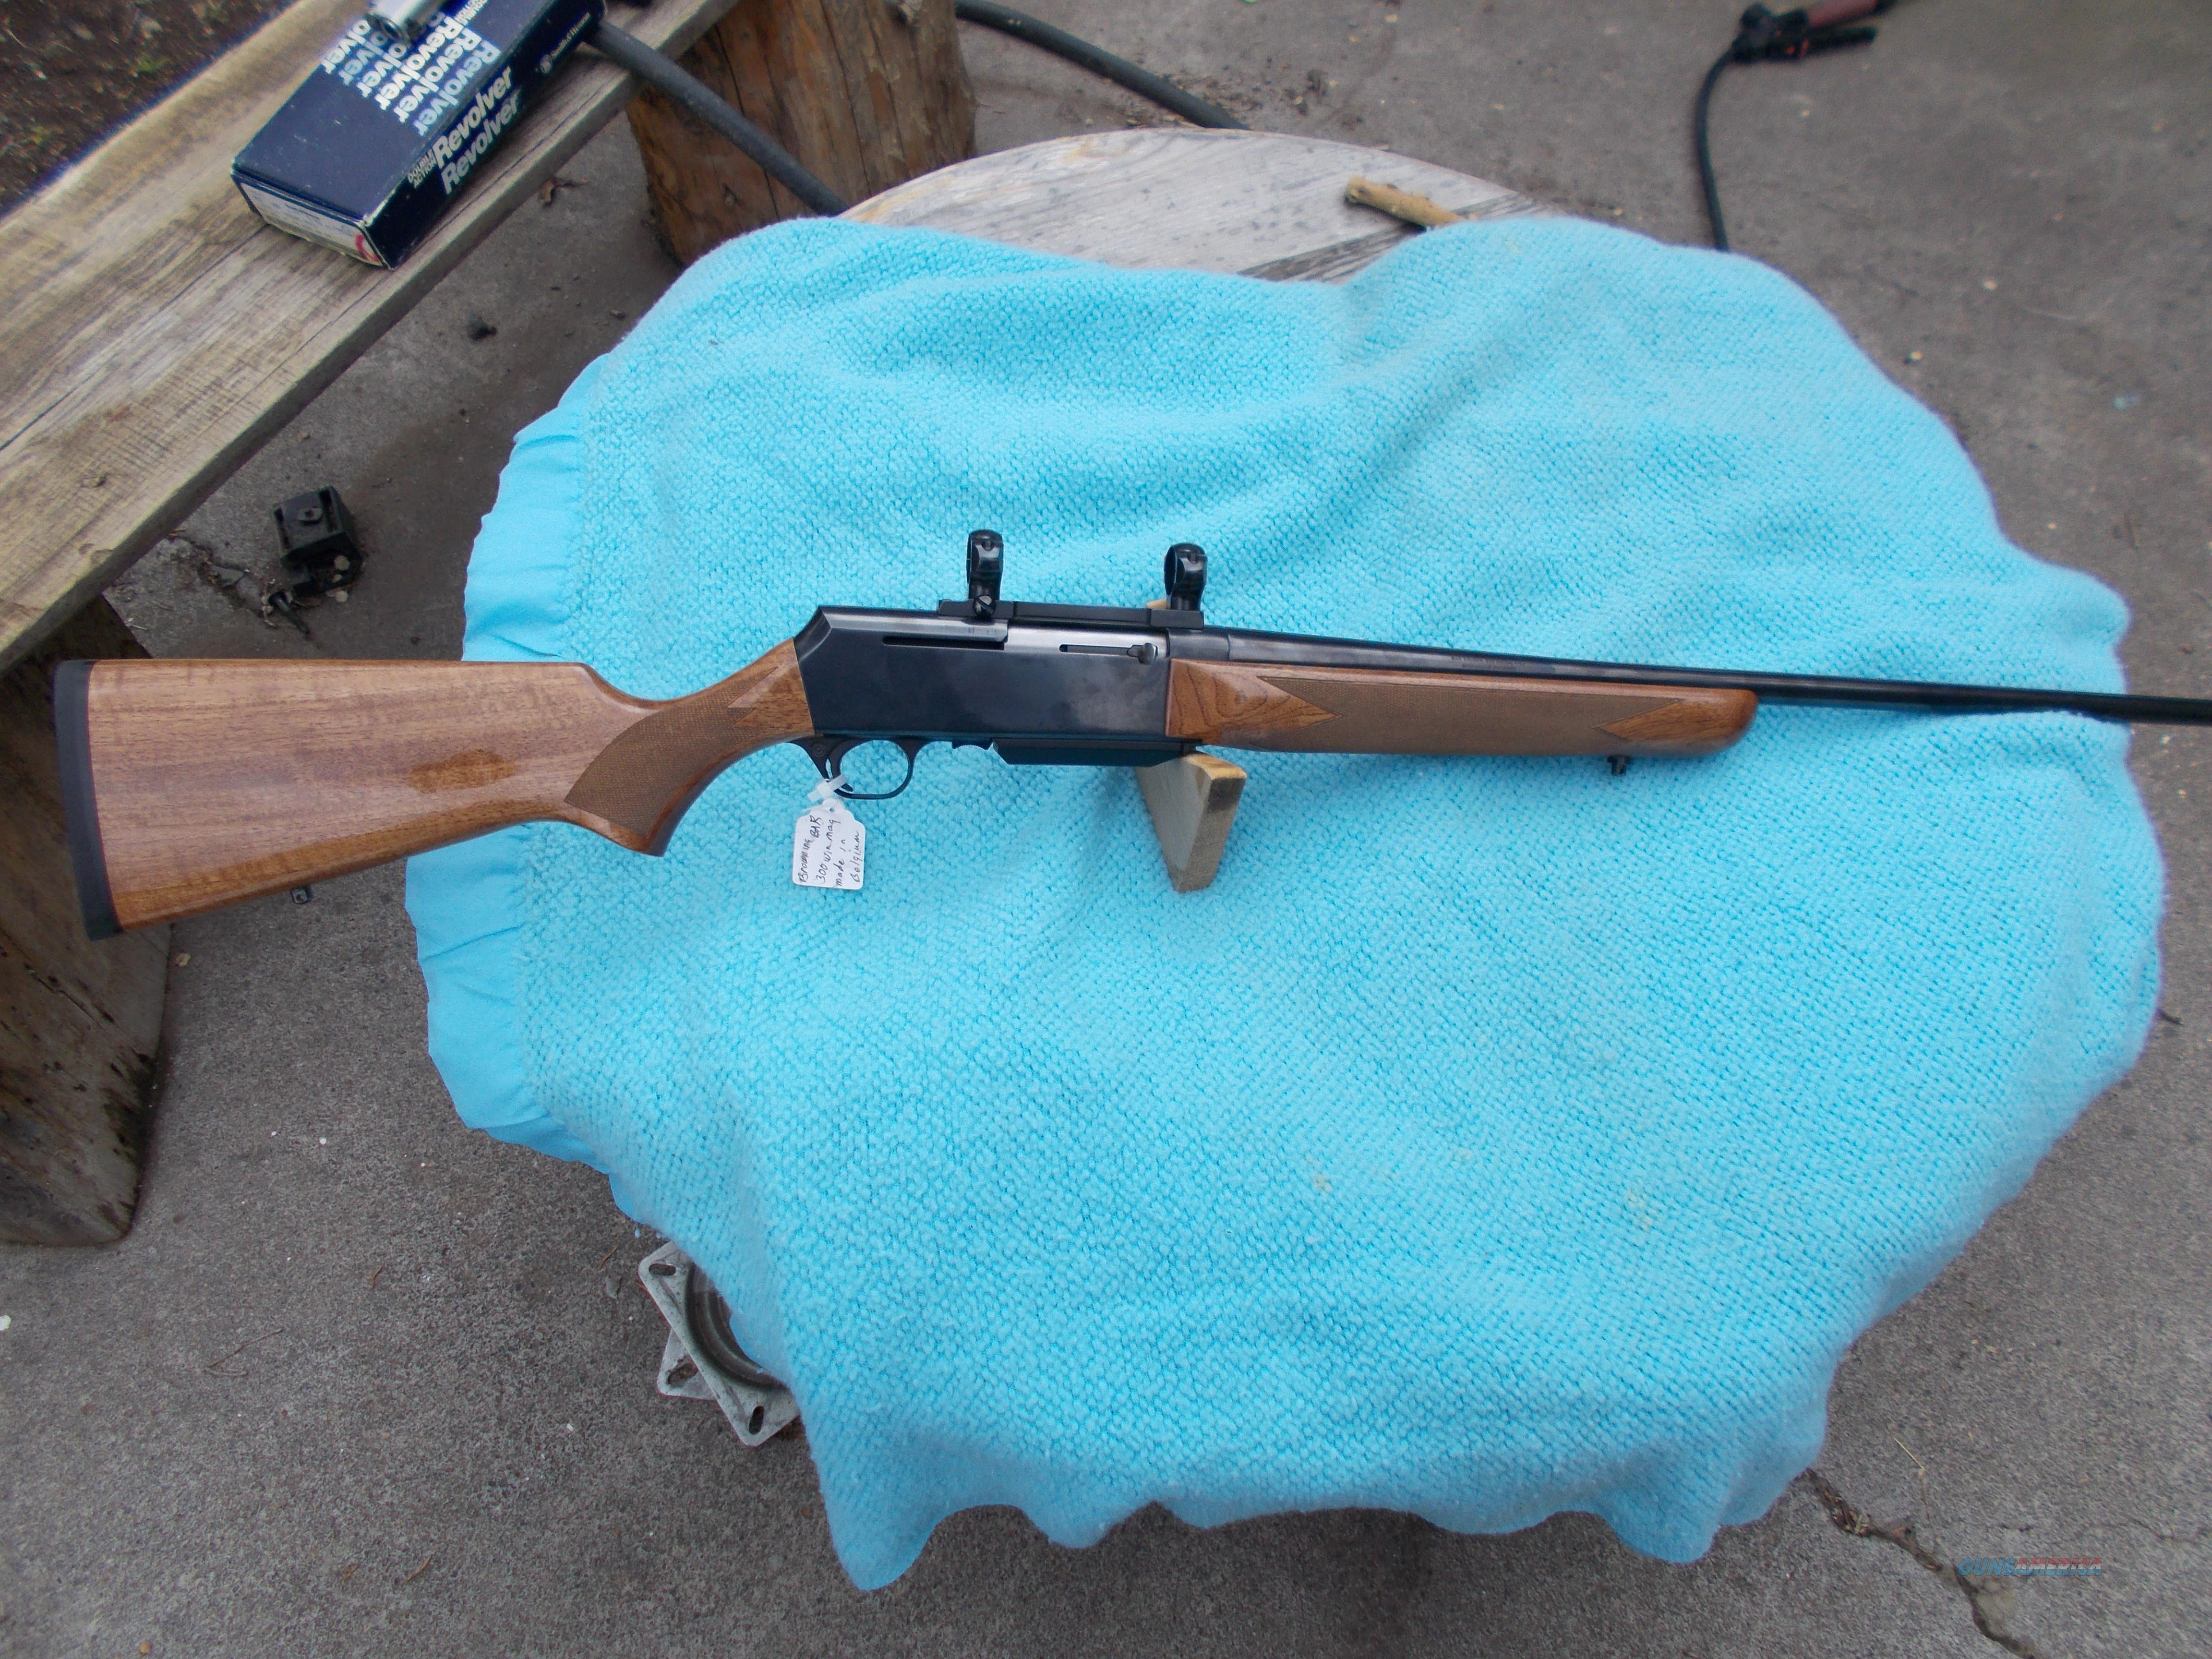 browning BAR 300 winmag  Guns > Rifles > Browning Rifles > Semi Auto > Tactical